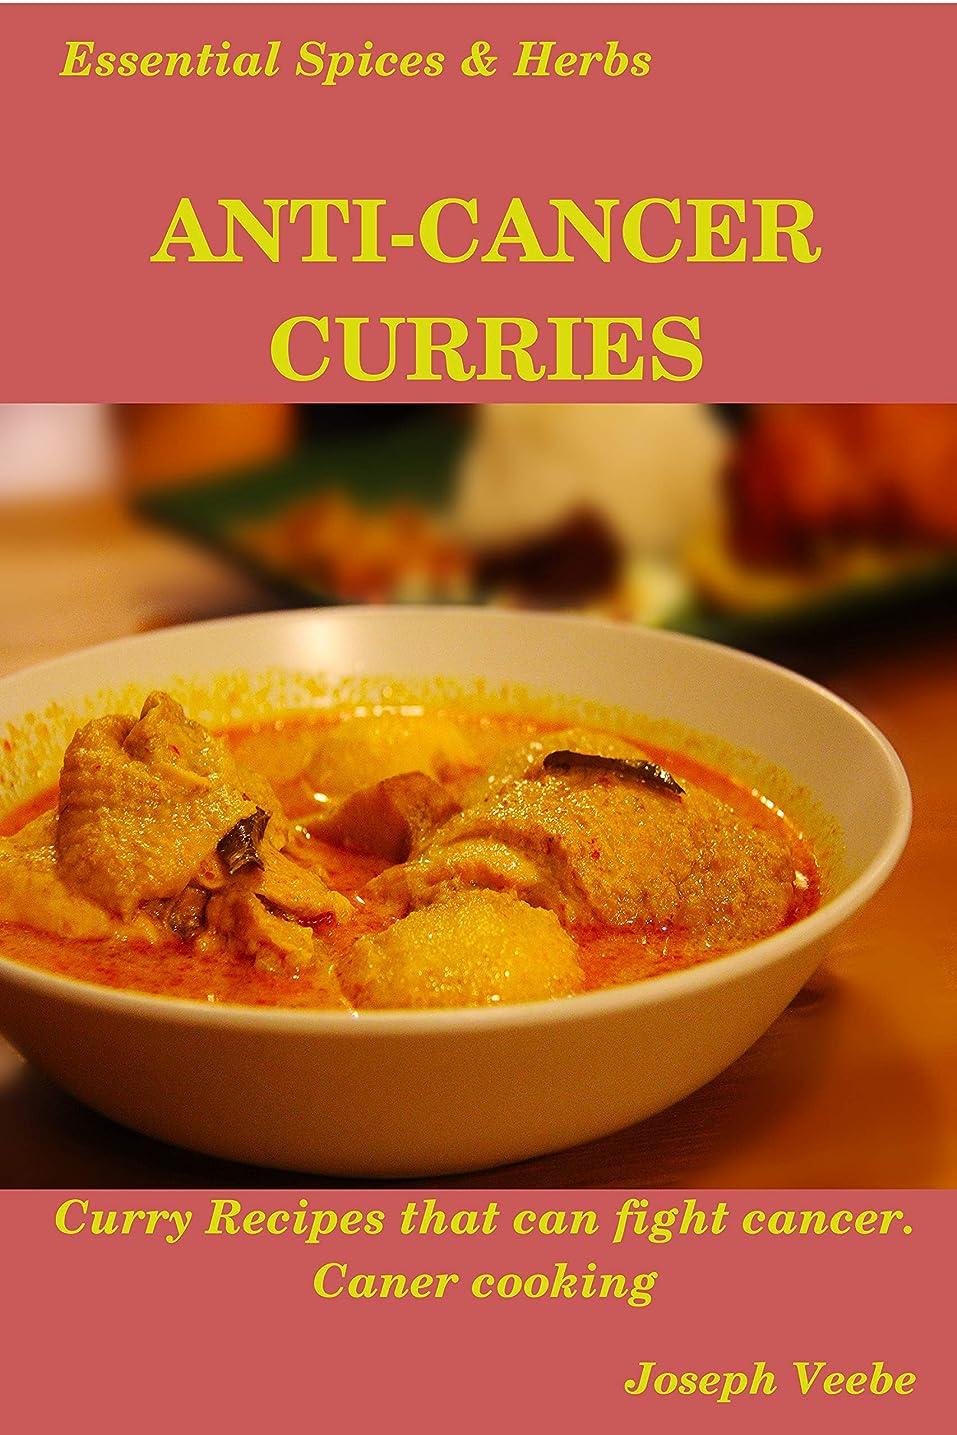 人差し指バイオリン撤回するAnti-Cancer Curries: Healing with Spices and Herbs: 30 Curry Recipes to Fight Cancer and Improve Health (Essential Spices and Herbs Book 10) (English Edition)